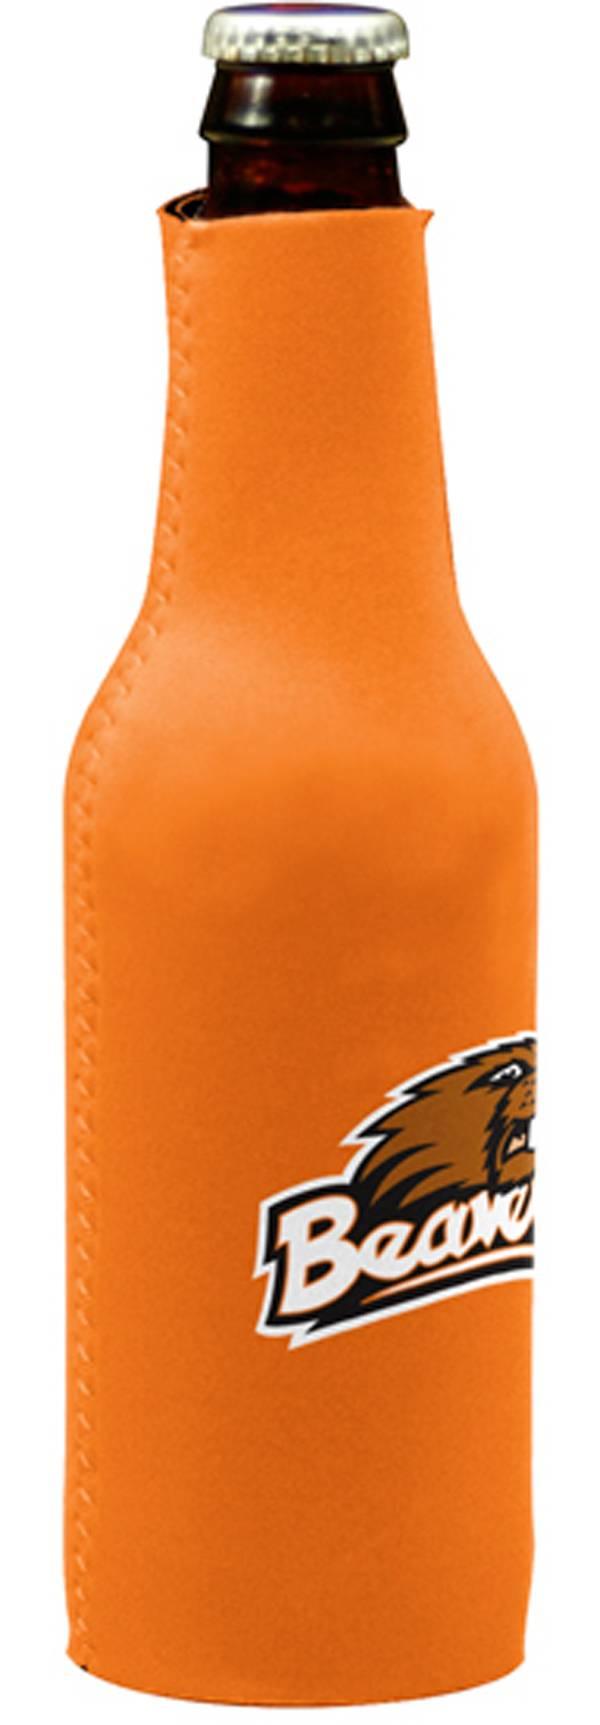 Oregon State Beavers Bottle Koozie product image